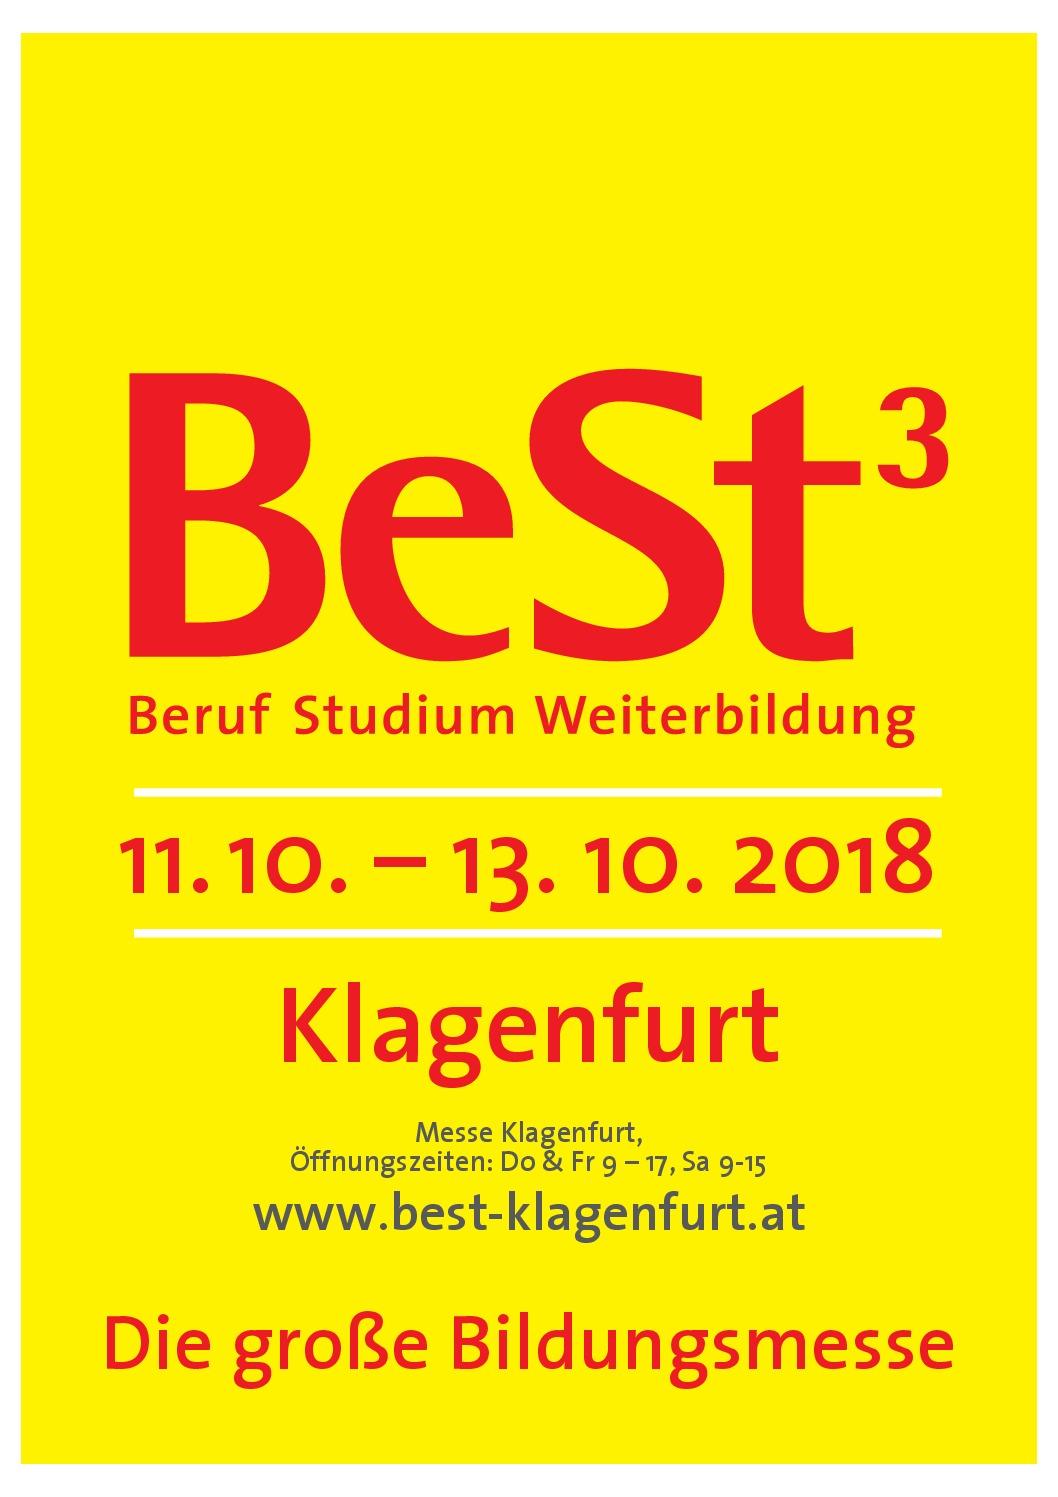 Bildergebnis für best klagenfurt 2018